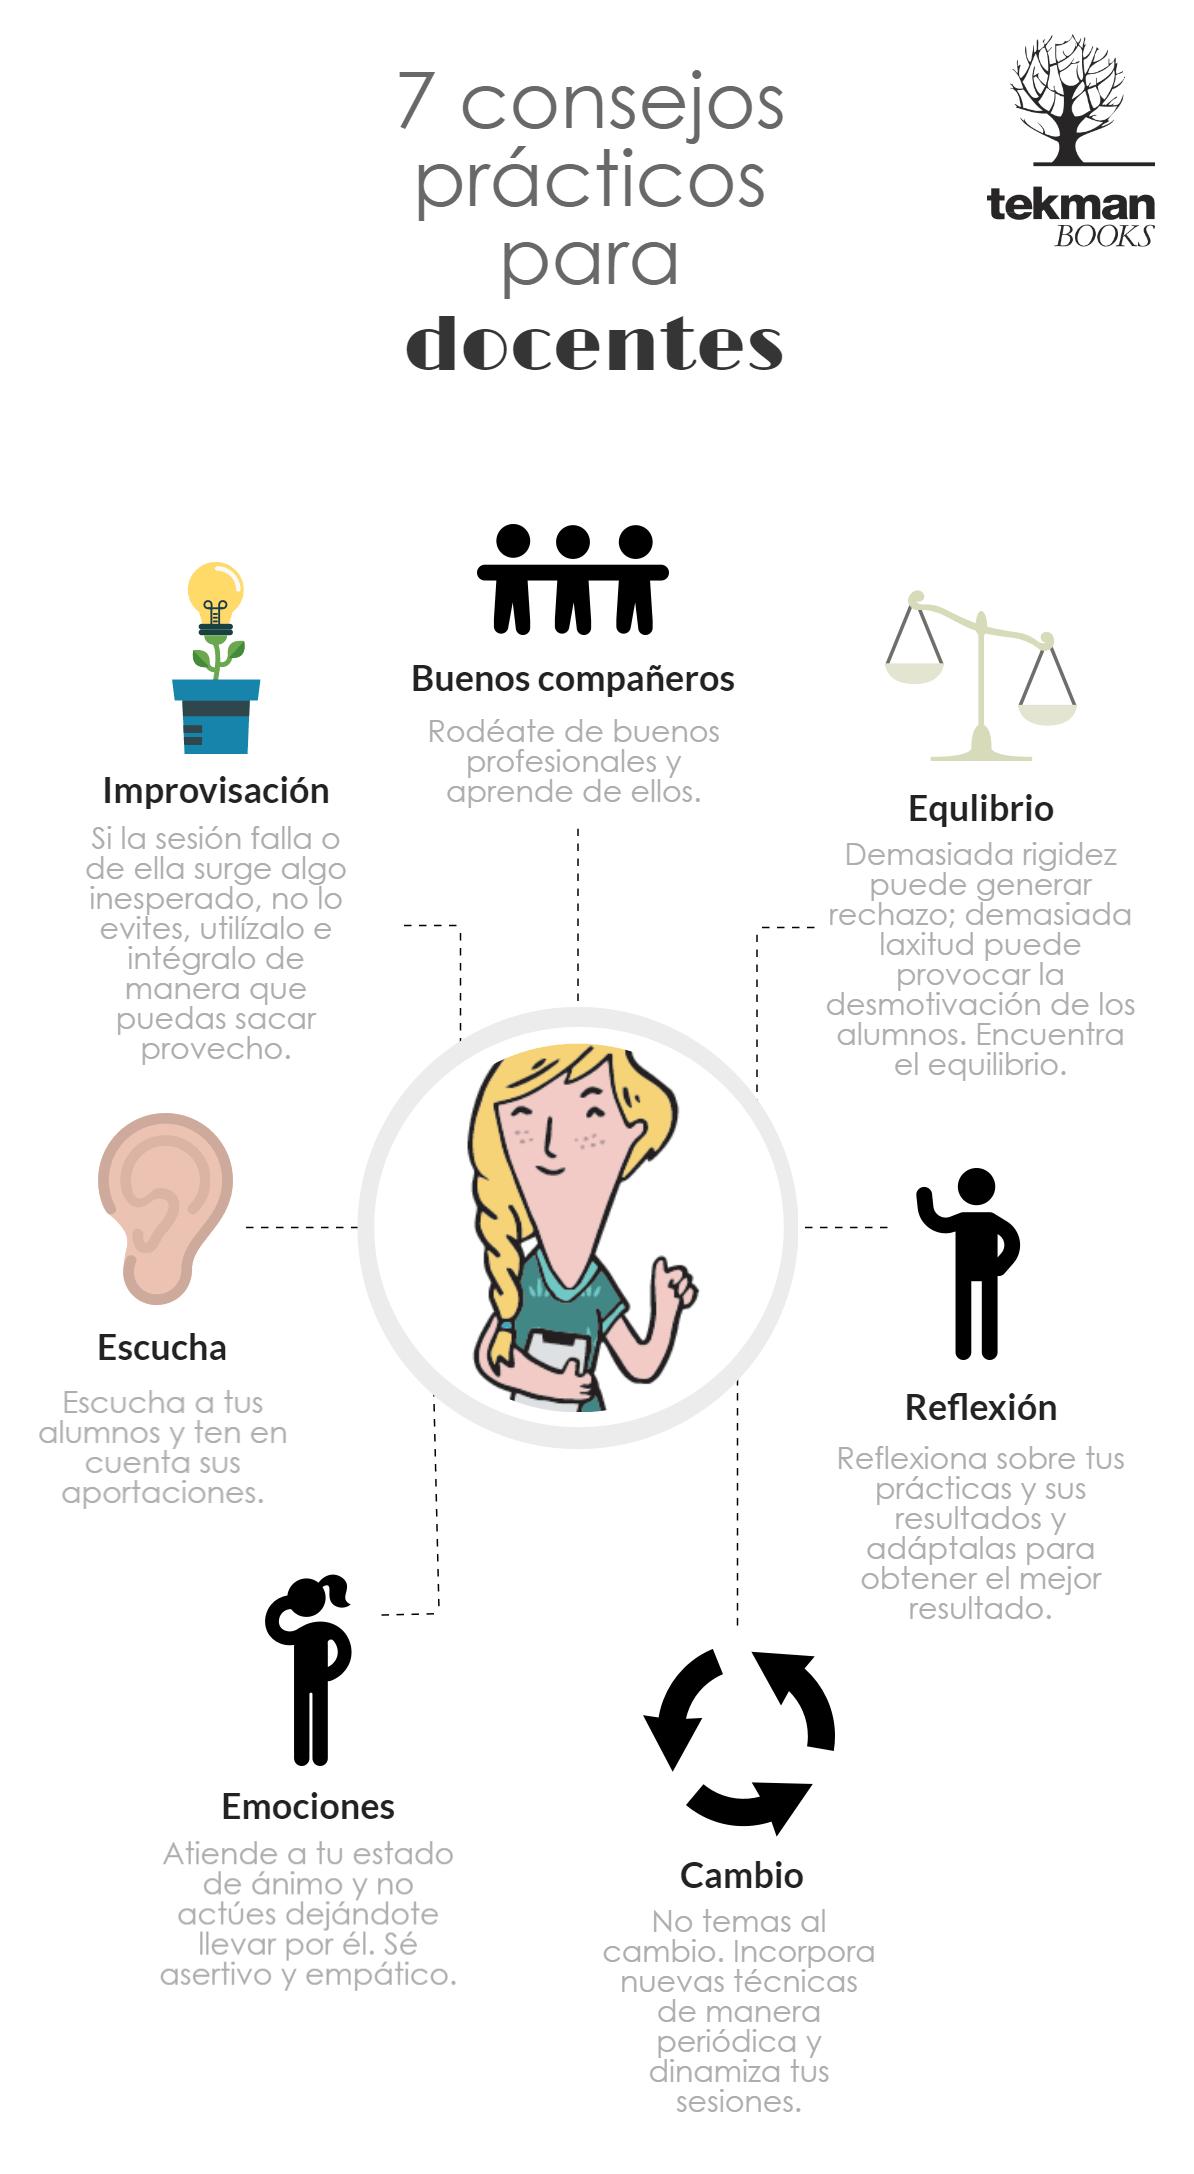 Técnicas de enseñanza para motivar el aprendizaje | Blog de Gesvin